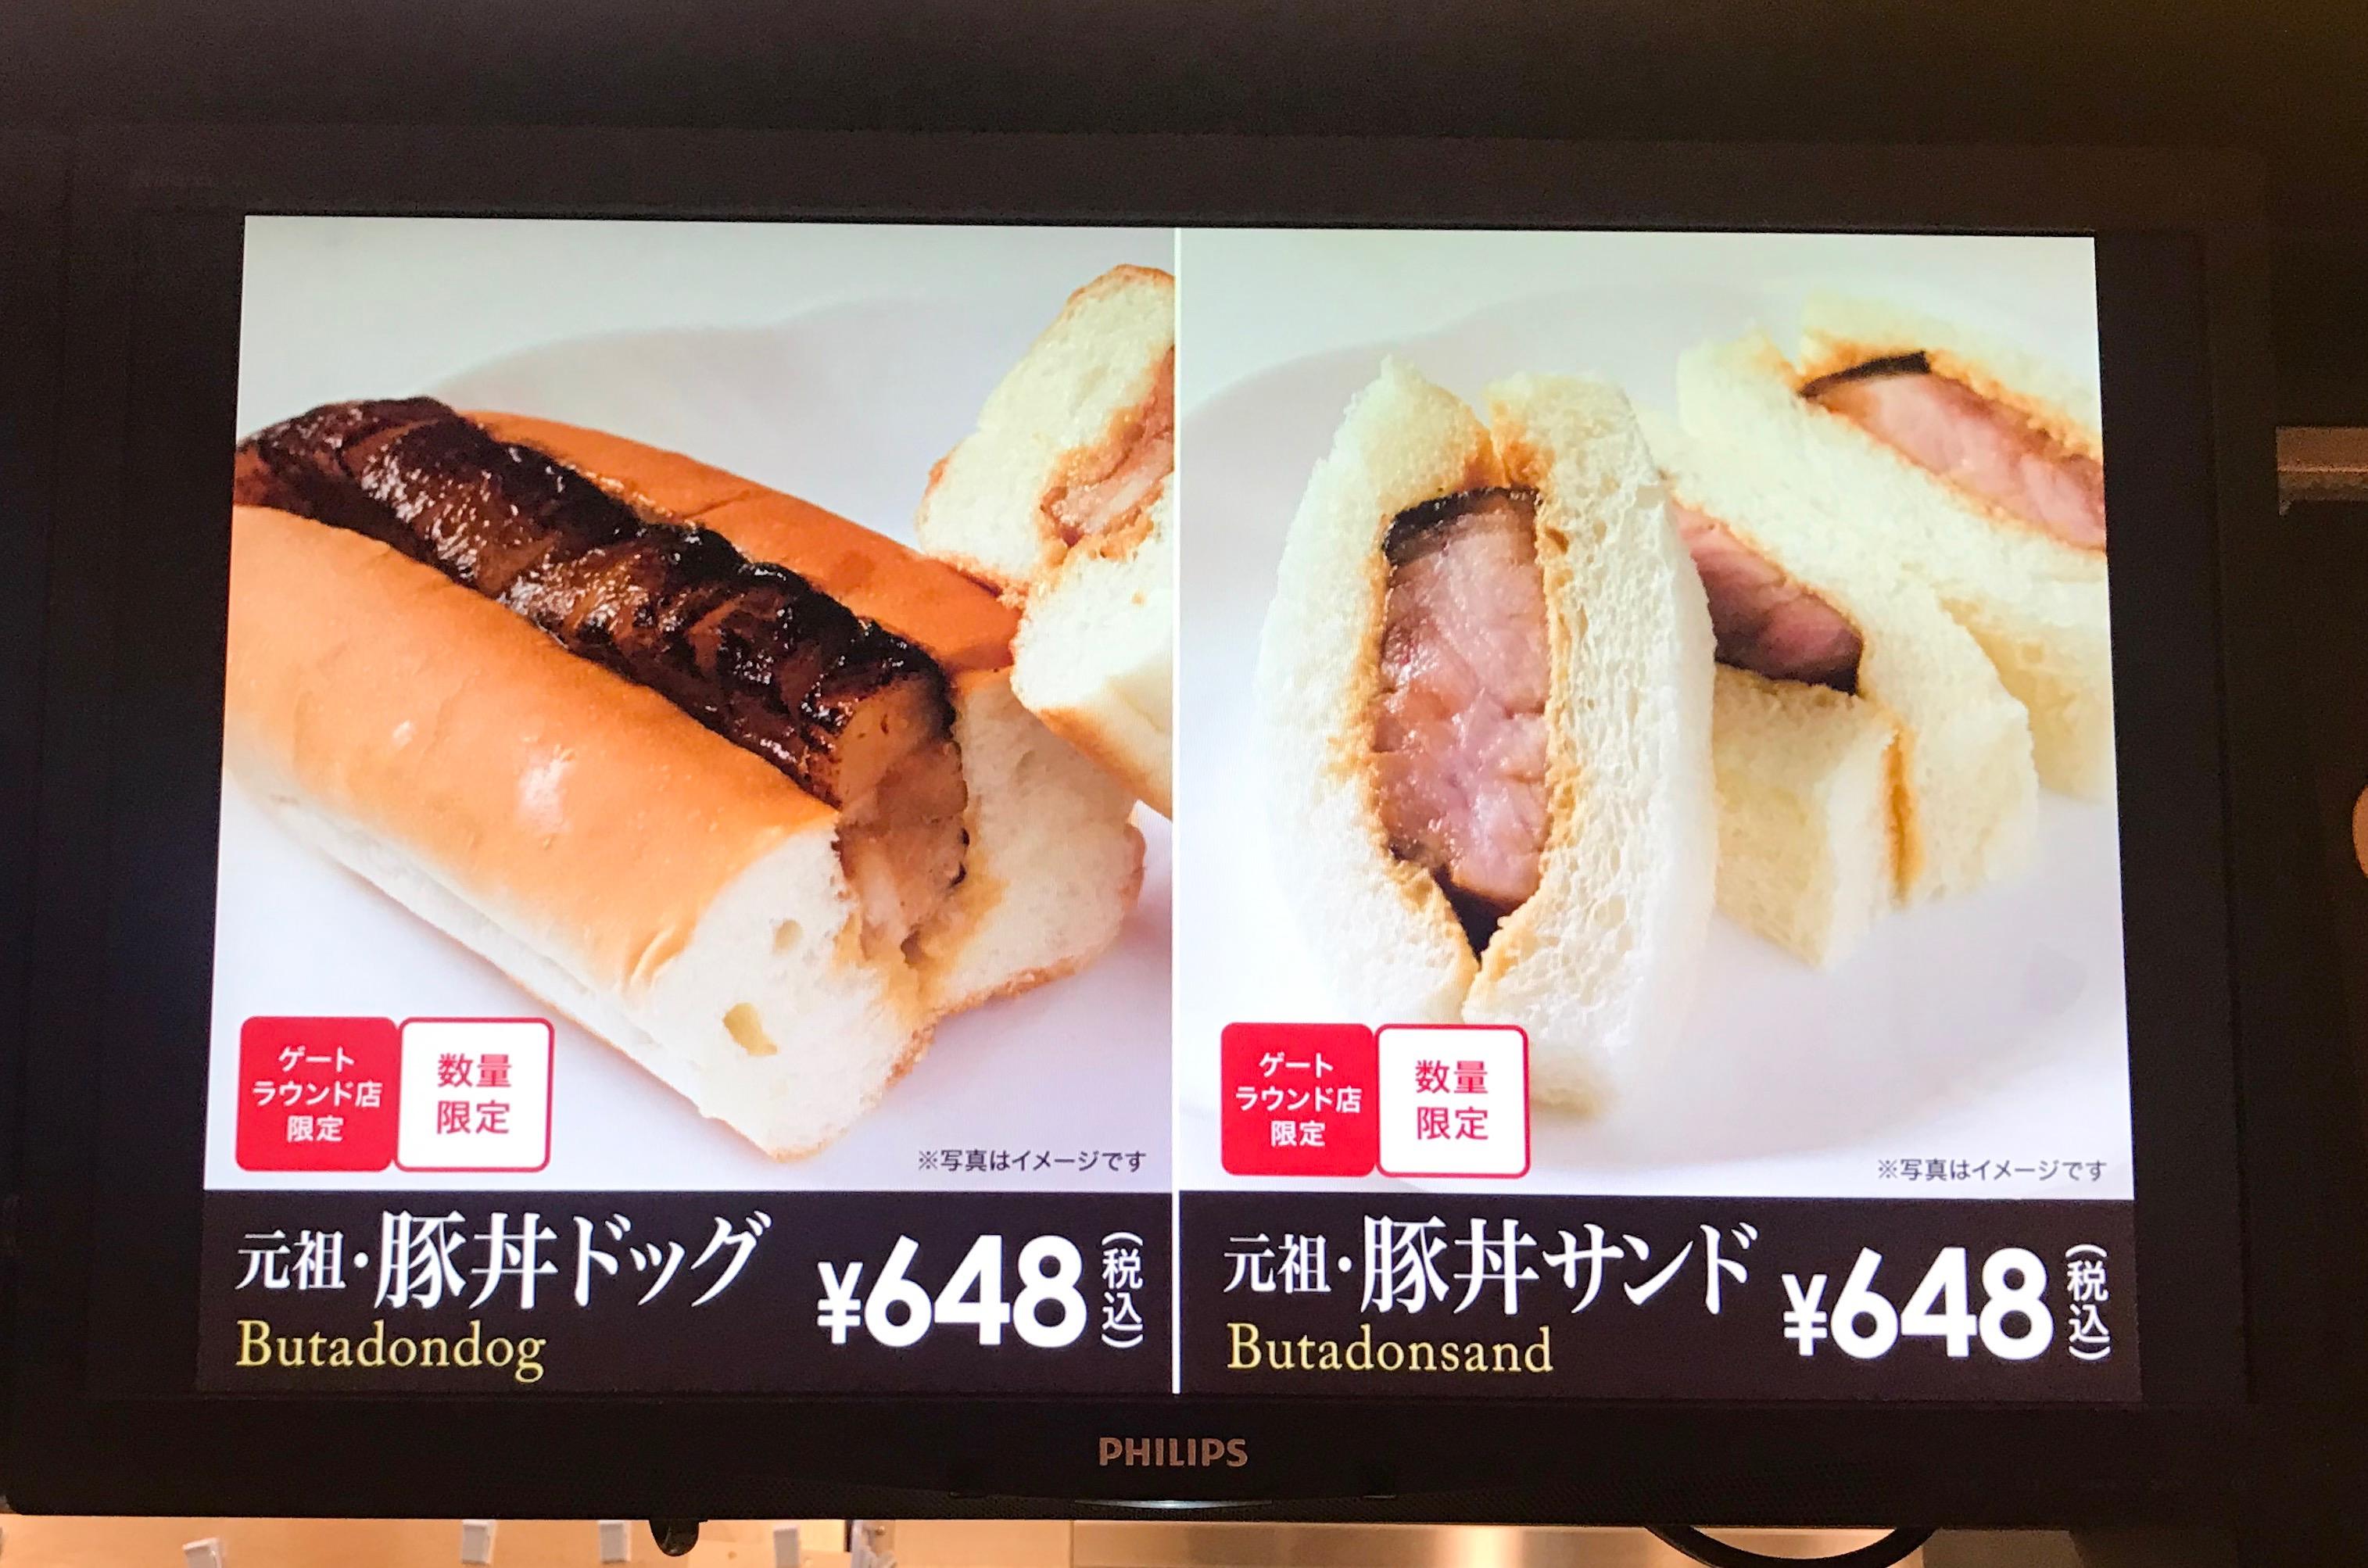 ドライブインいとう豚丼名人 新千歳空港ゲートラウンジ店 限定メニュー